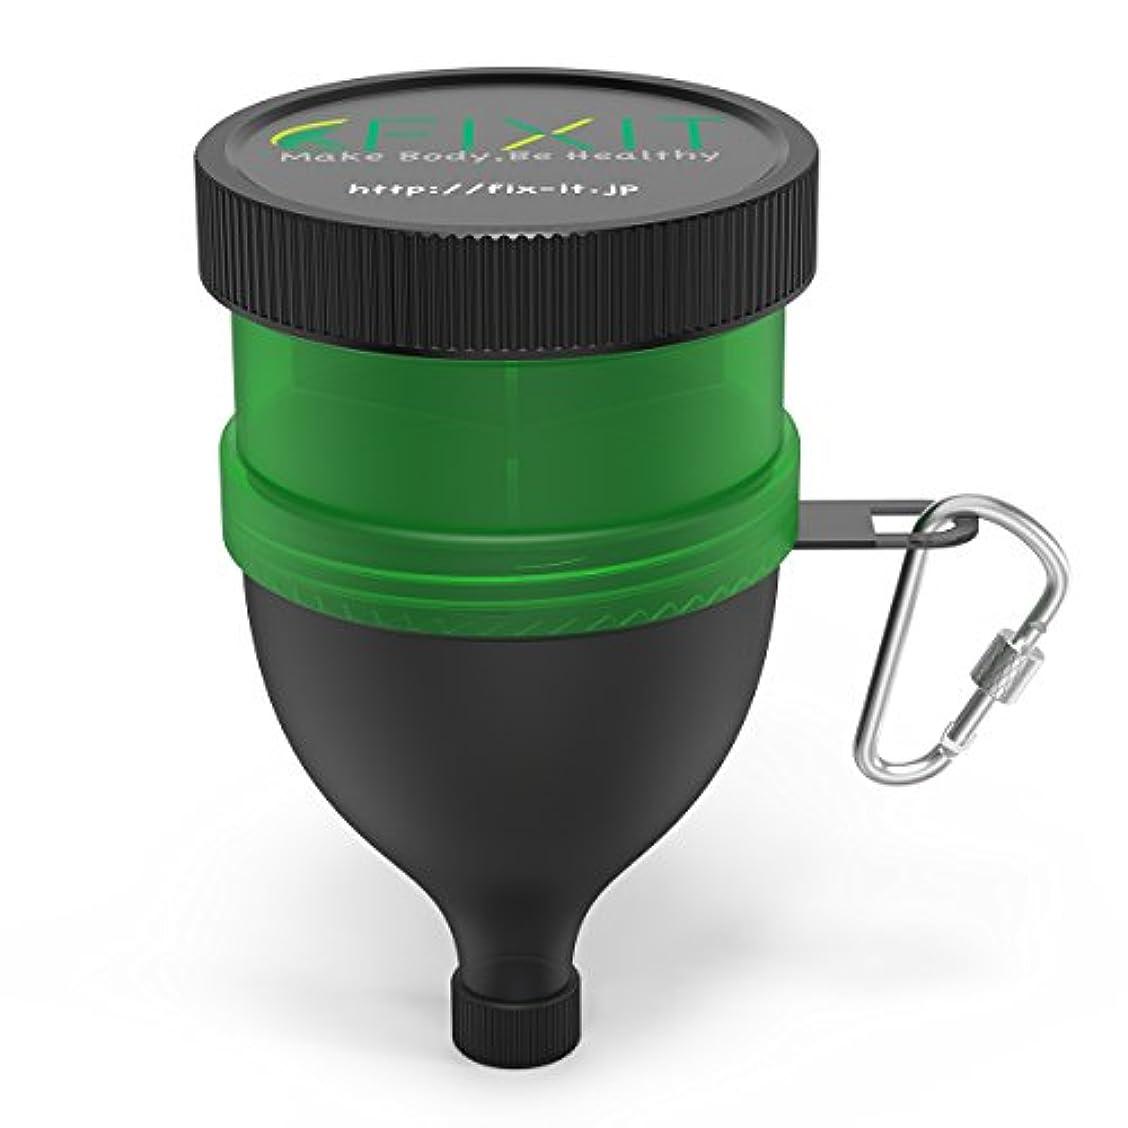 写真撮影酸度サークル【 FIXIT 】ファンネル 粉末サプリメント 携帯用 漏斗 プロテイン BCAA カプセル 等も 持ち運び可能